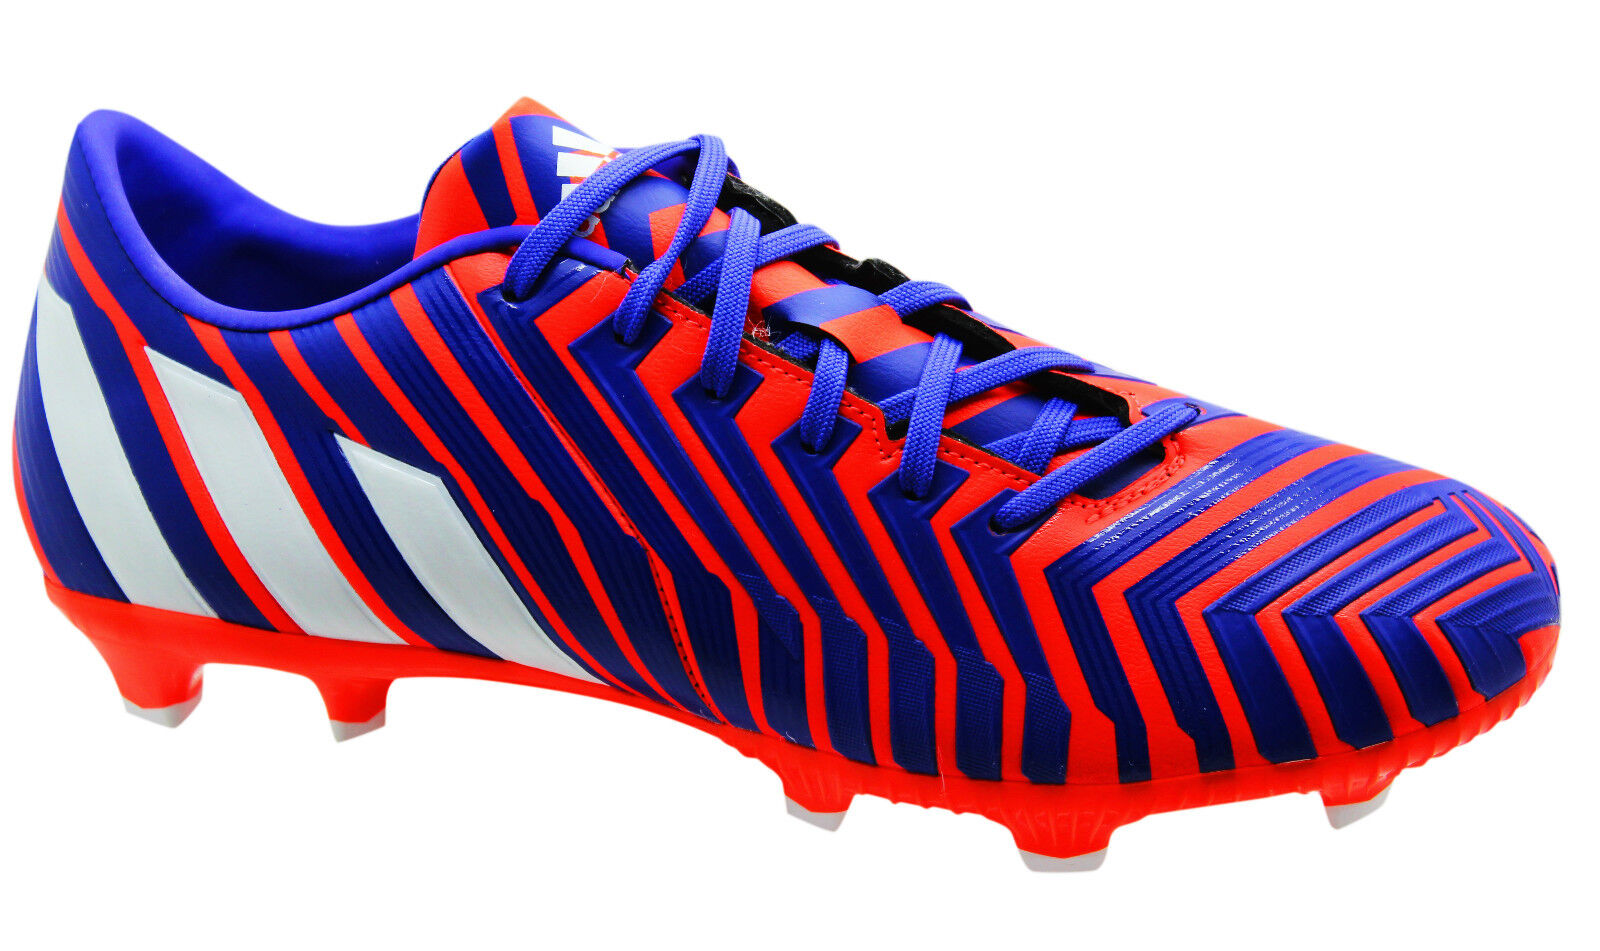 size 40 a56dc fcd40 Adidas Predator Absolado Instinct FG Firm Ground Mens Football Boots